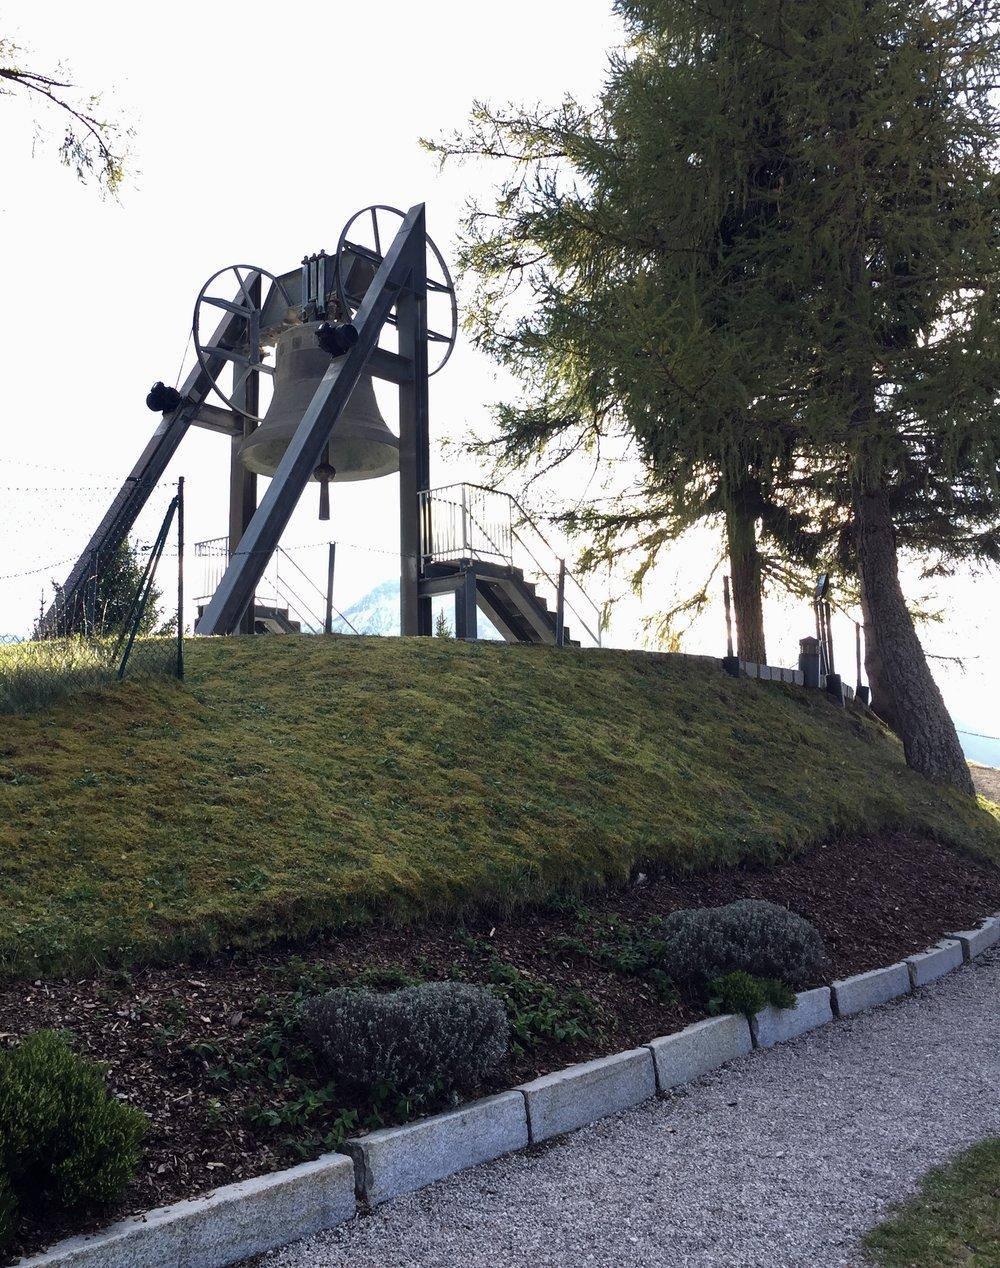 I Mösern besøkte vi Fredsklokken som ringer hver dag kl.17.00. I 1972 kom lederne for syv regioner i Alpene sammen for å skape en visjon om fred i området.